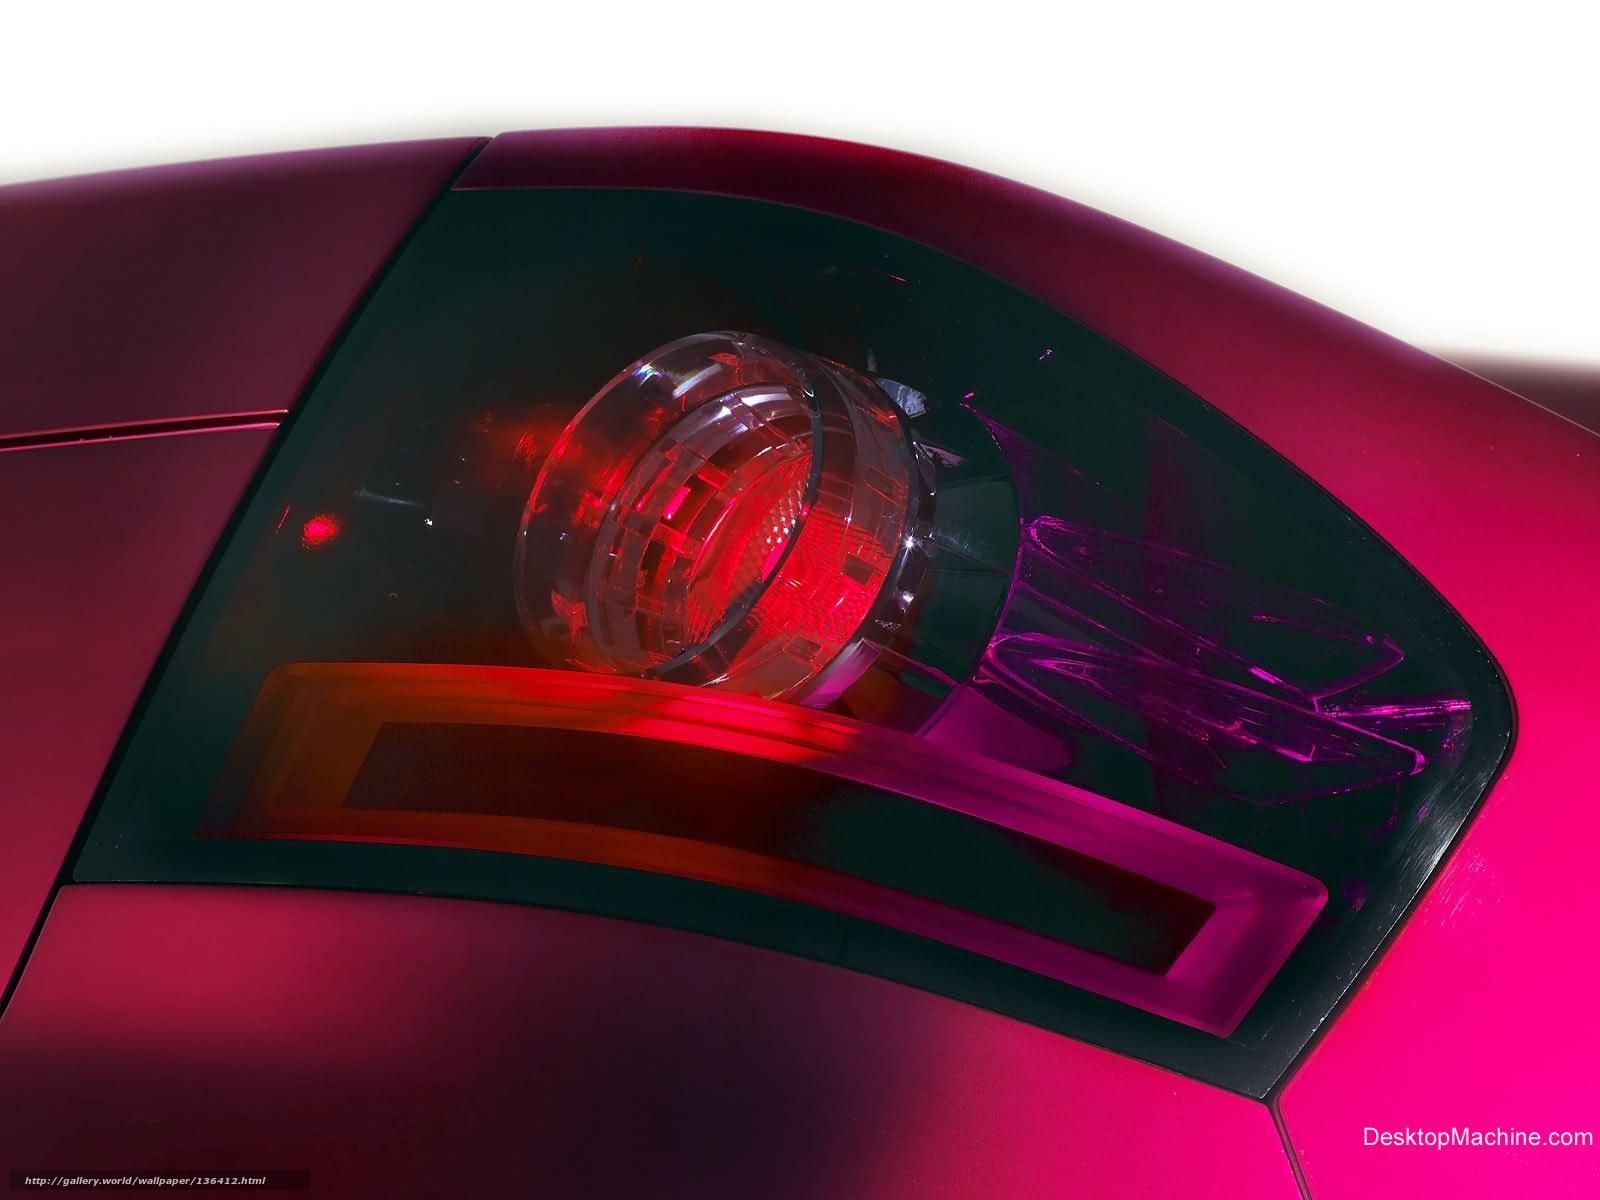 Скачать обои Holden,  Torana,  авто,  машины бесплатно для рабочего стола в разрешении 1600x1200 — картинка №136412